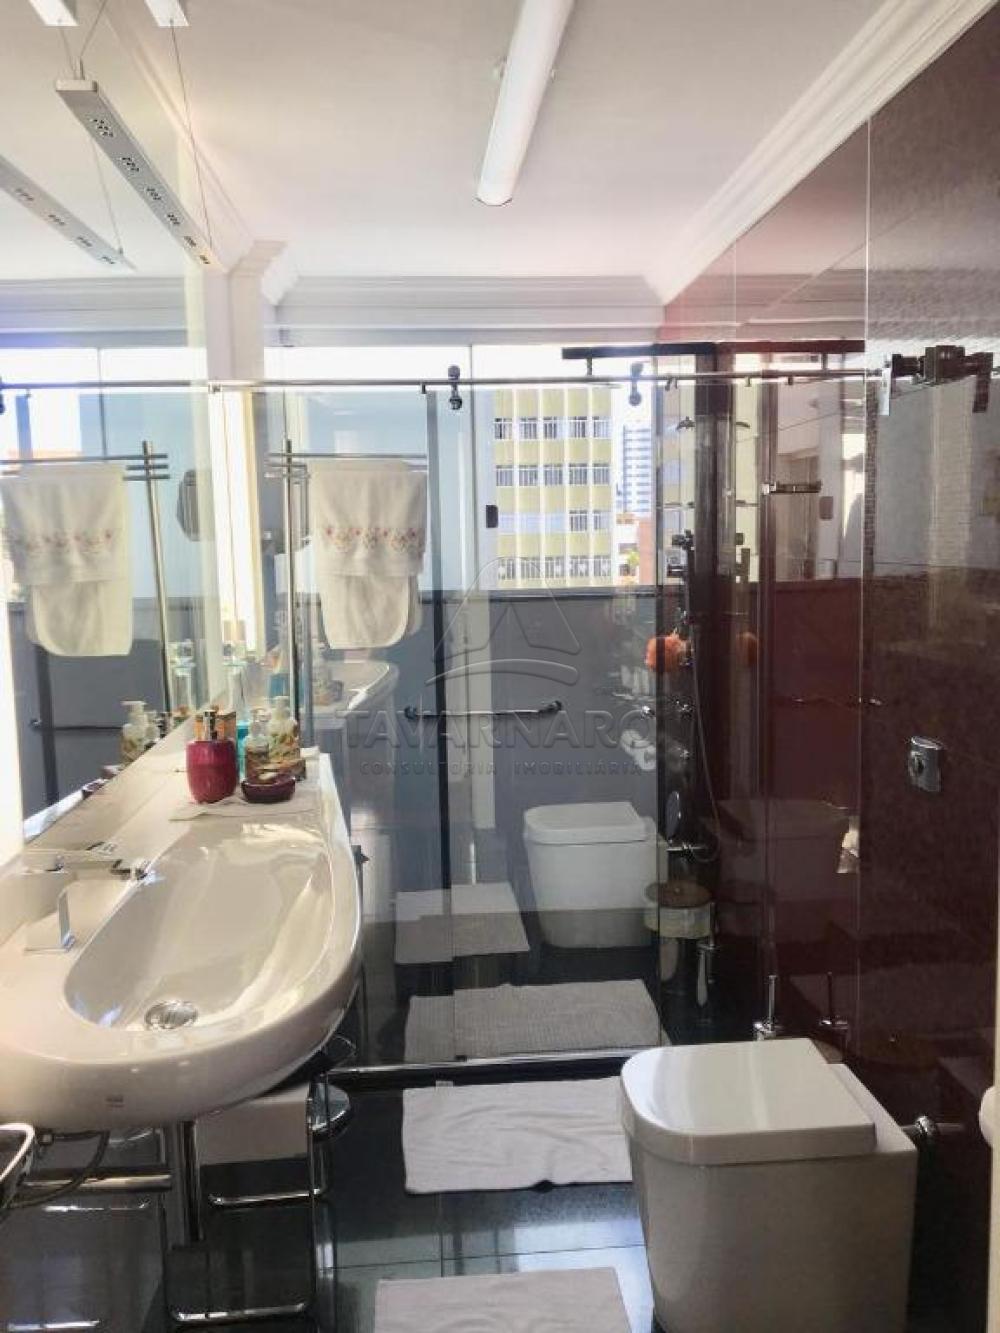 Comprar Apartamento / Padrão em Ponta Grossa R$ 620.000,00 - Foto 9